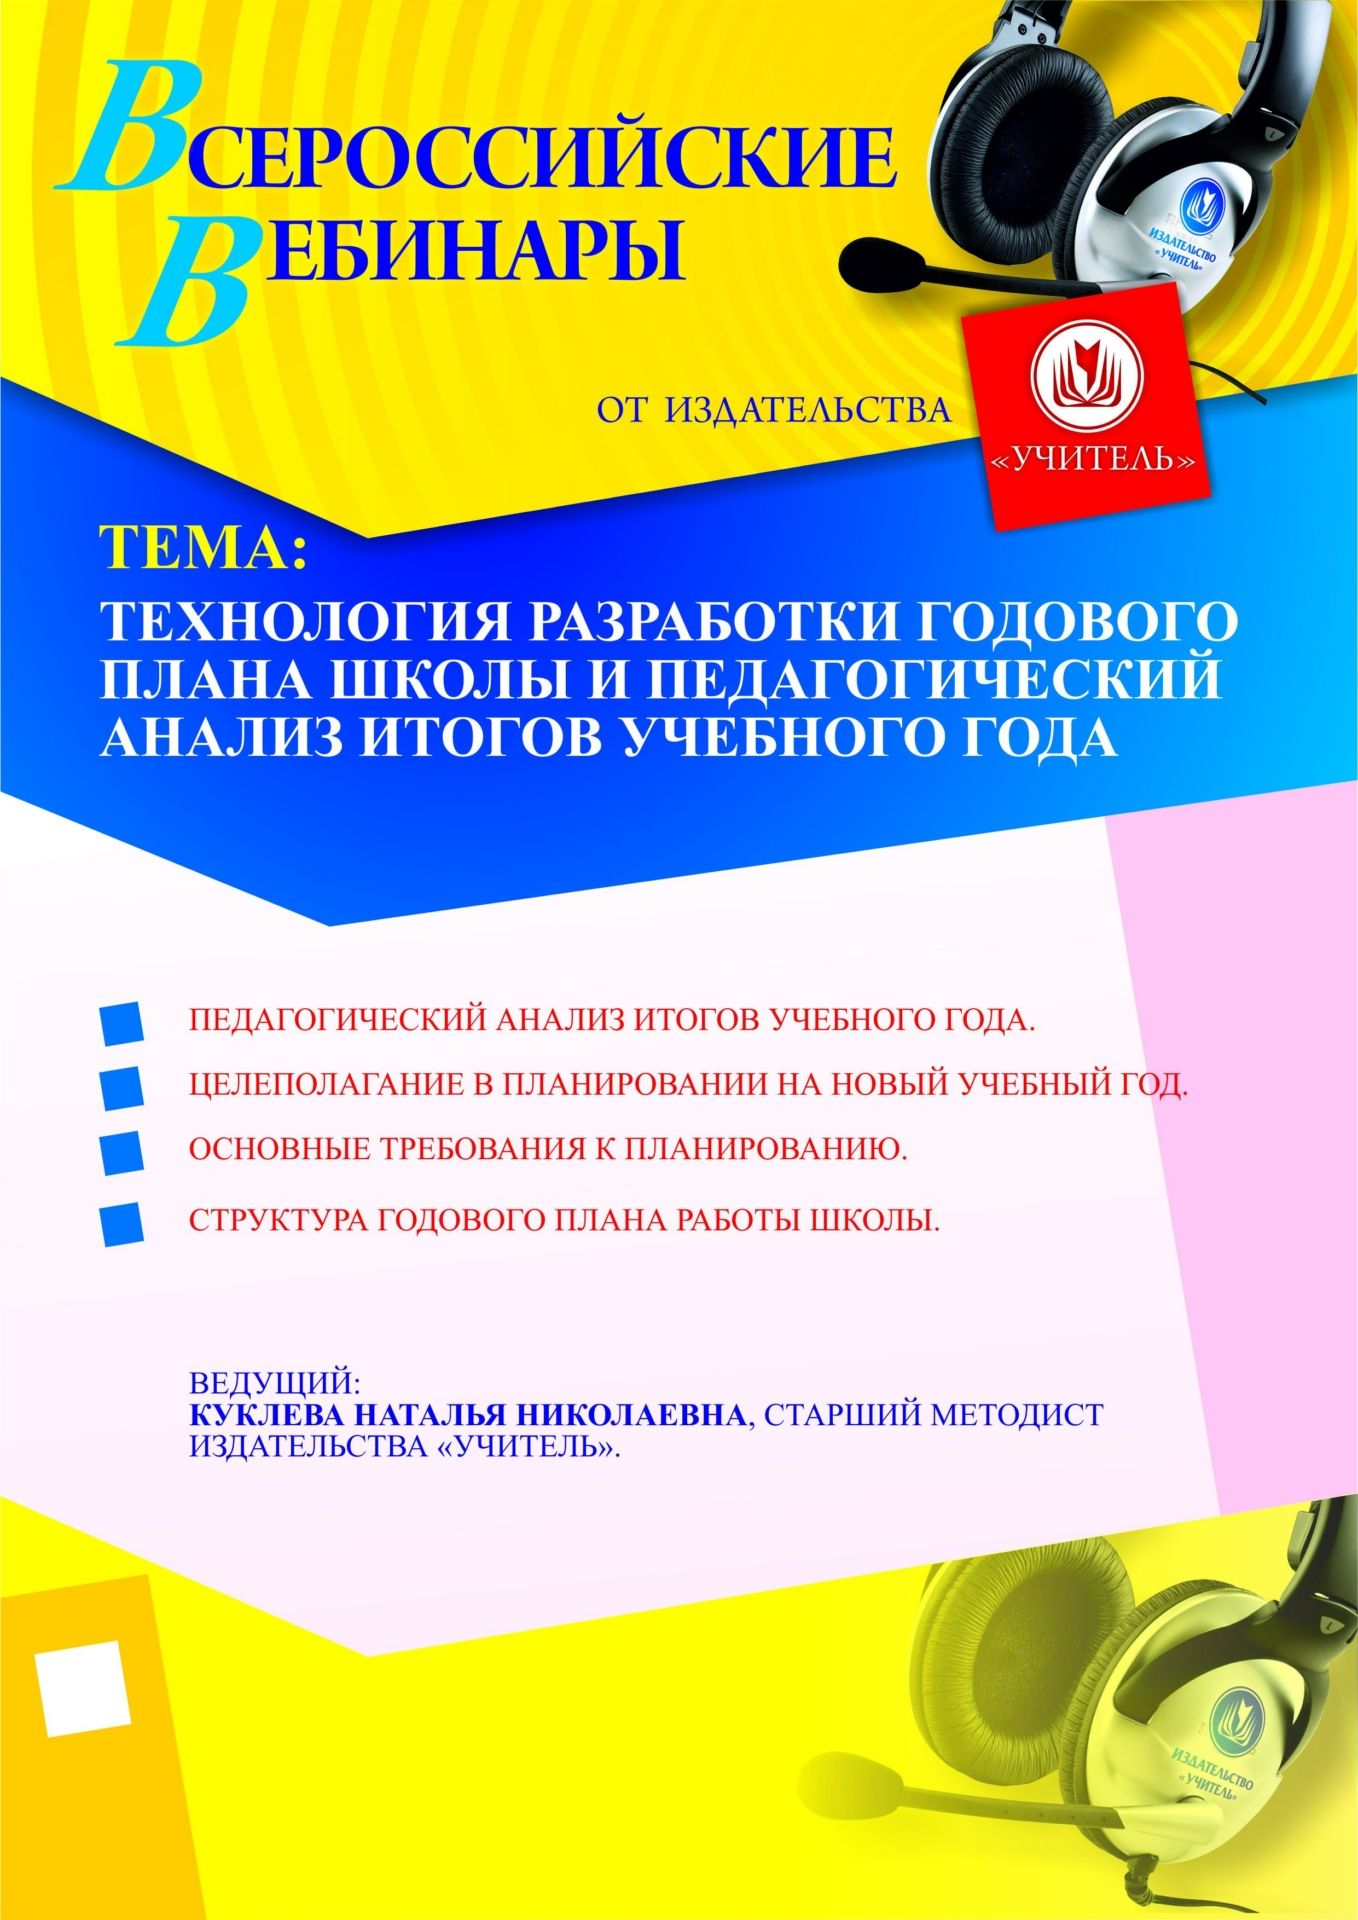 Технология разработки годового плана школы и педагогический анализ итогов учебного года фото